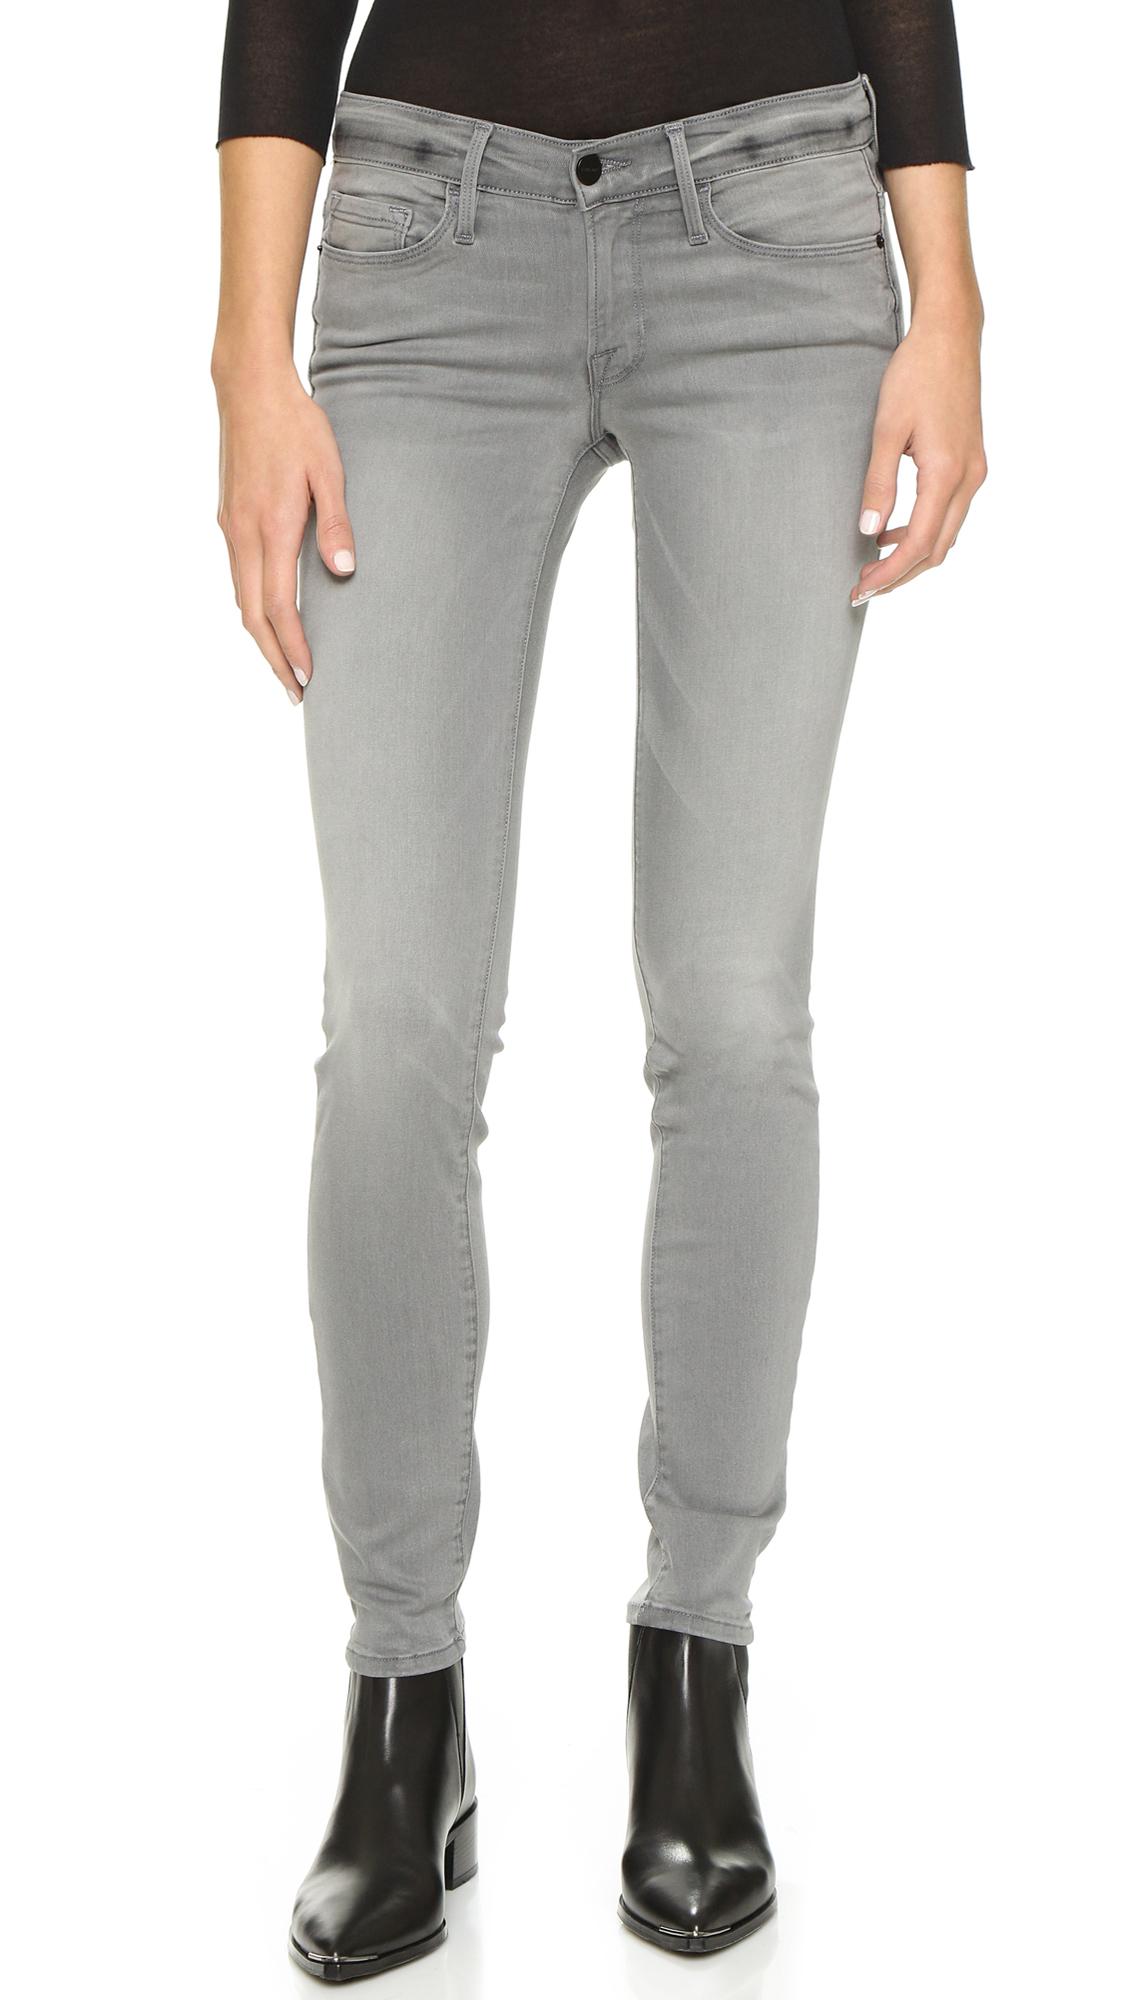 Lyst - Frame Le Skinny De Jeanne Jeans - Russo in Gray